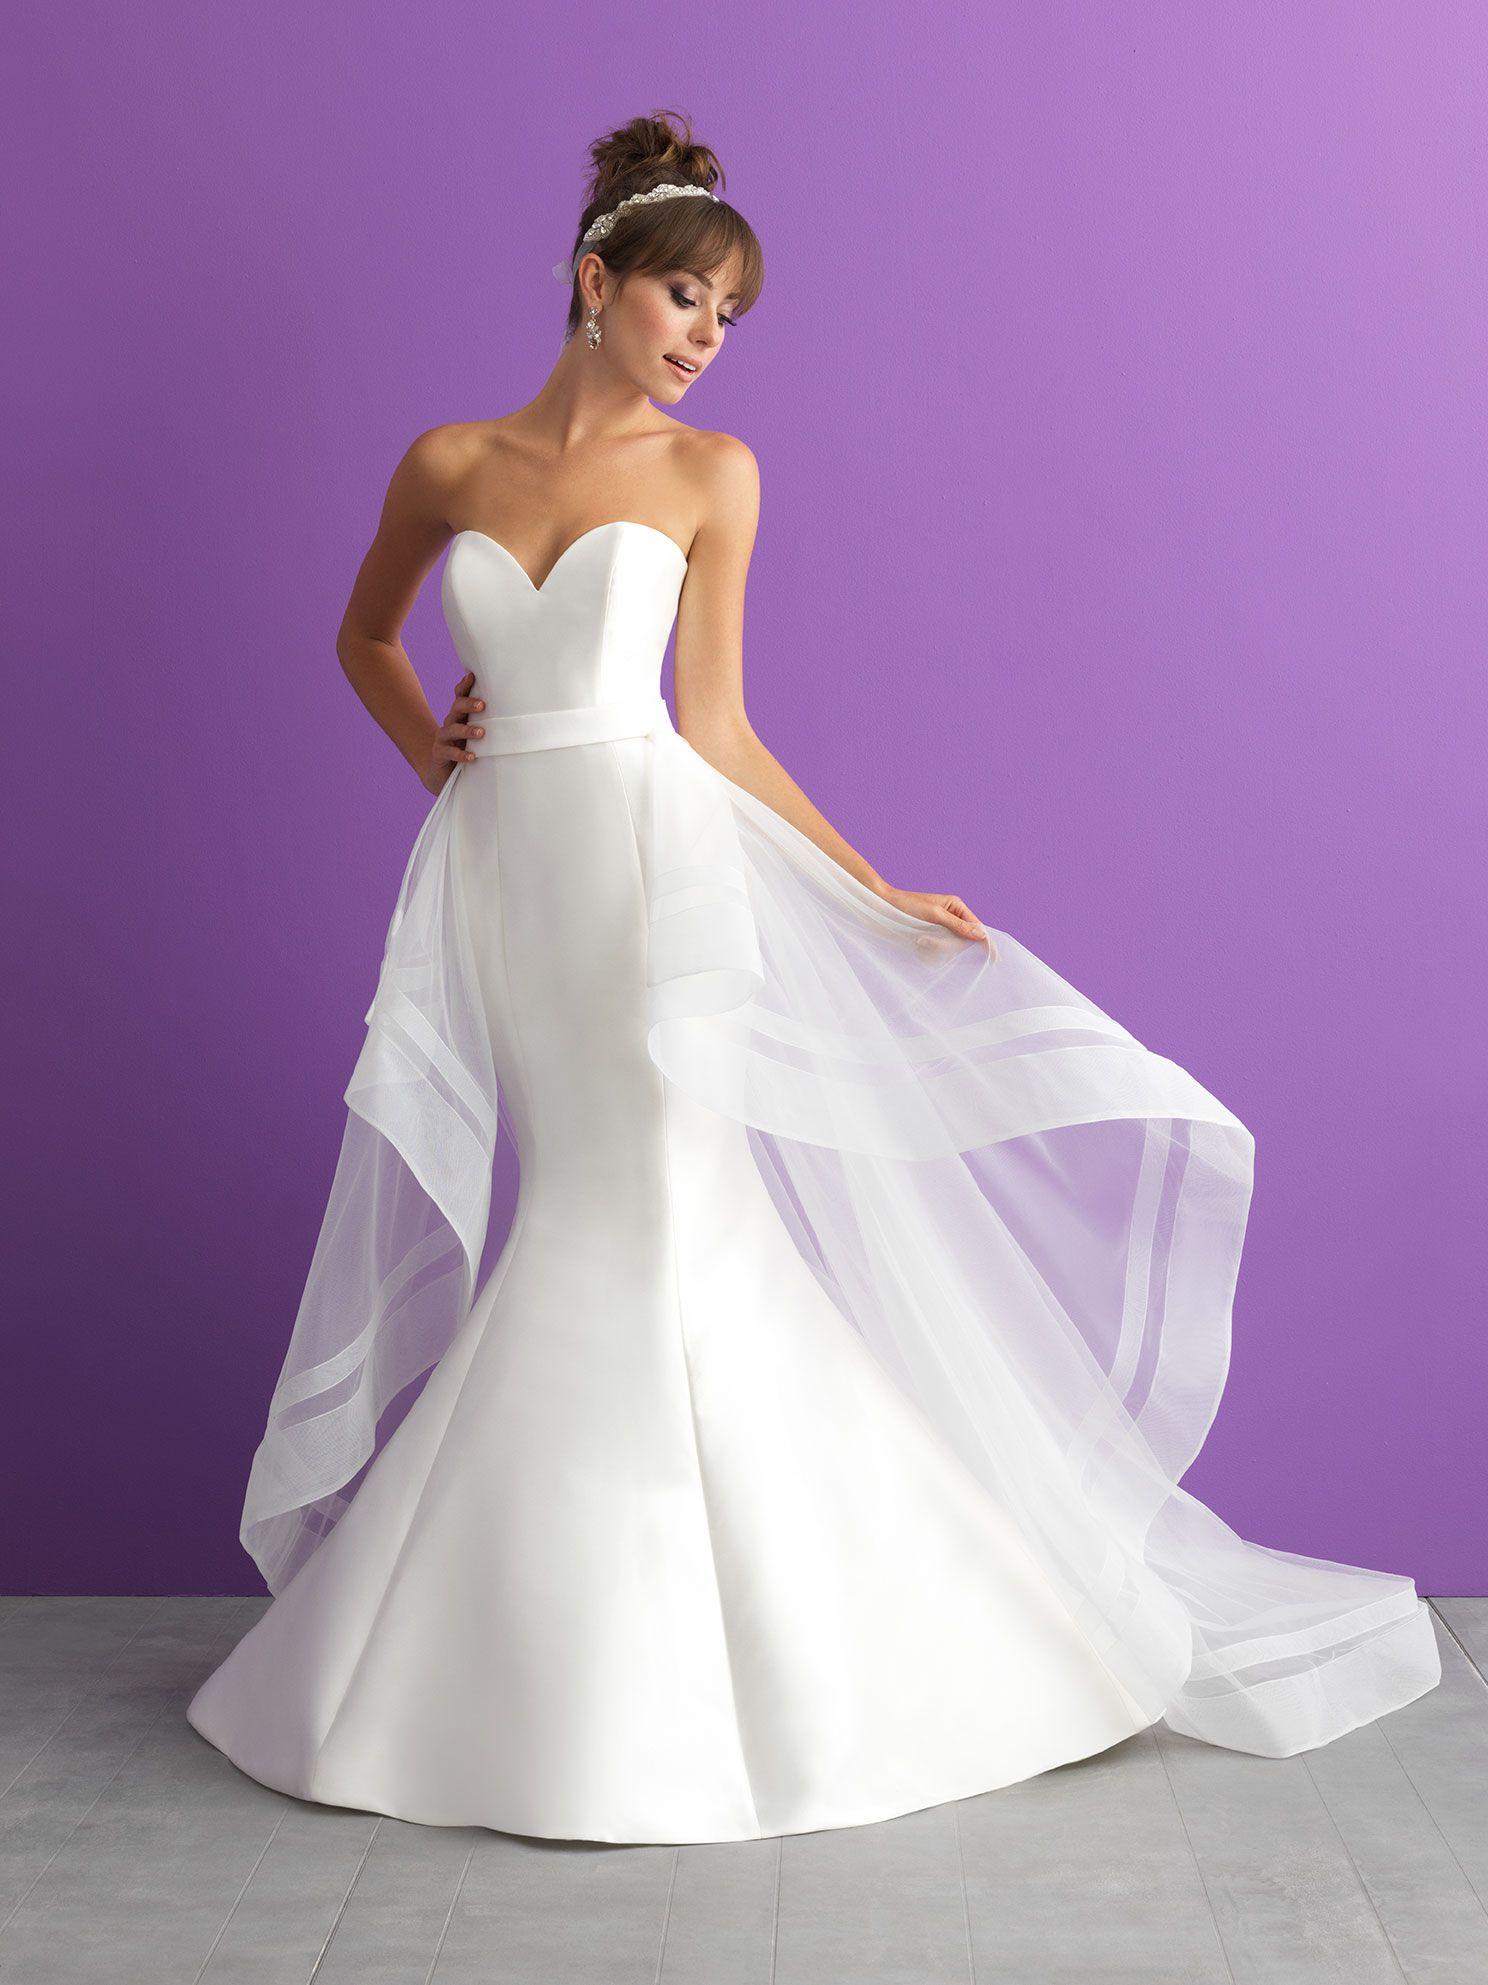 Bridal Gown Available at Ella Park Bridal  a77e23efa7ca